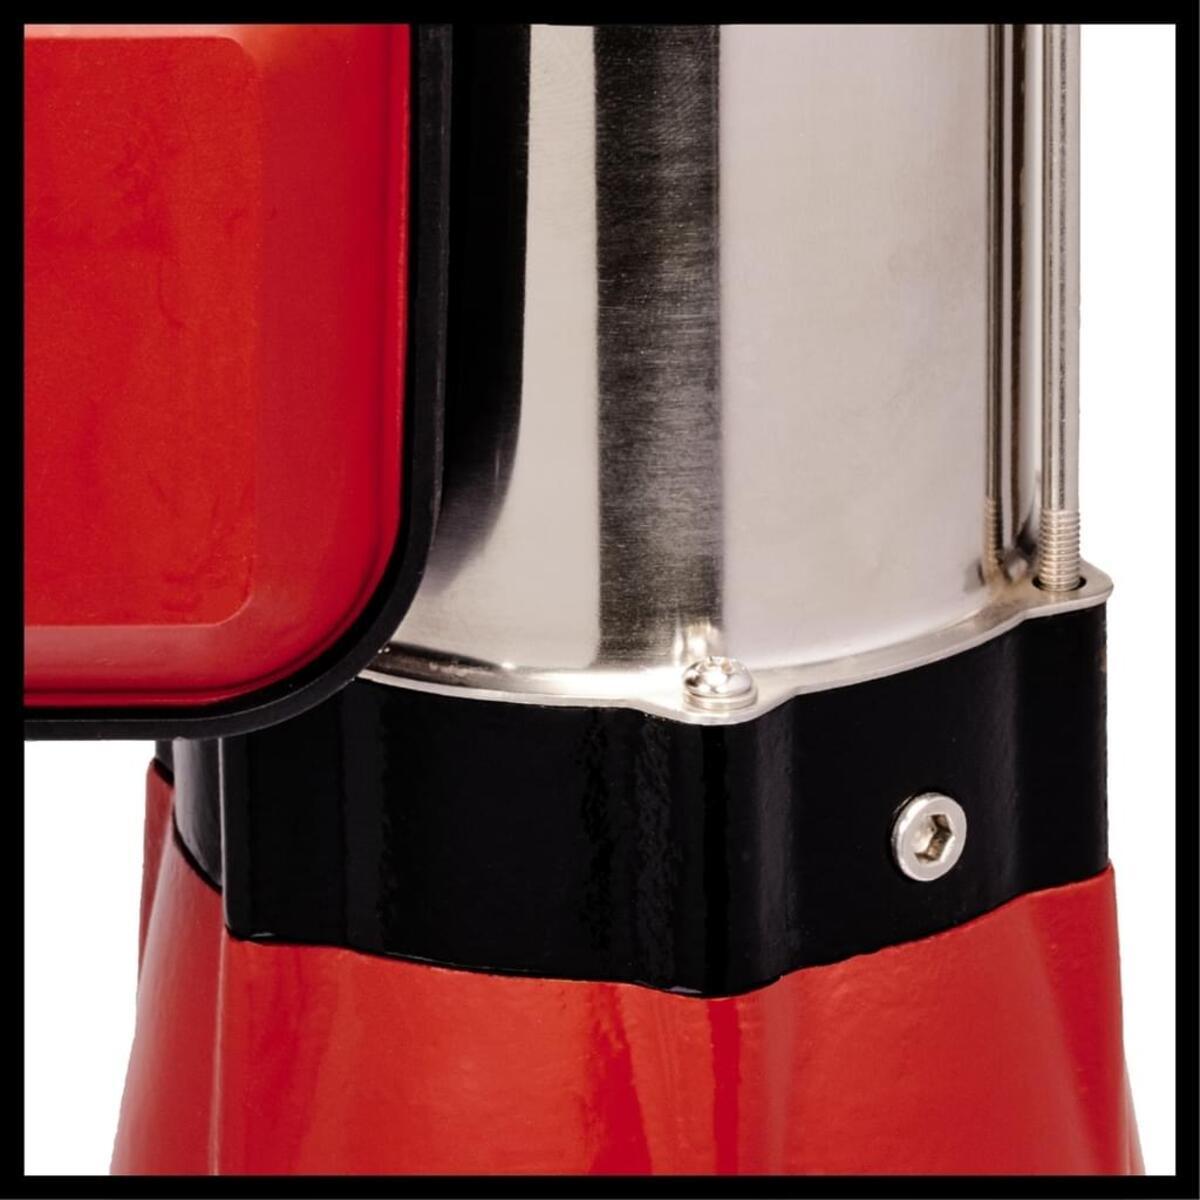 Bild 4 von Einhell Schmutzwasserpumpe GC-DP 5010 G, Leistung 500 Watt, Fördermenge max. 12000 l/h, Förderhöhe max. 8 m, Eintauchtiefe max. 5 m, Fremdkörpergröße max. 10 mm, stufenlos verstellbarer Schwimm